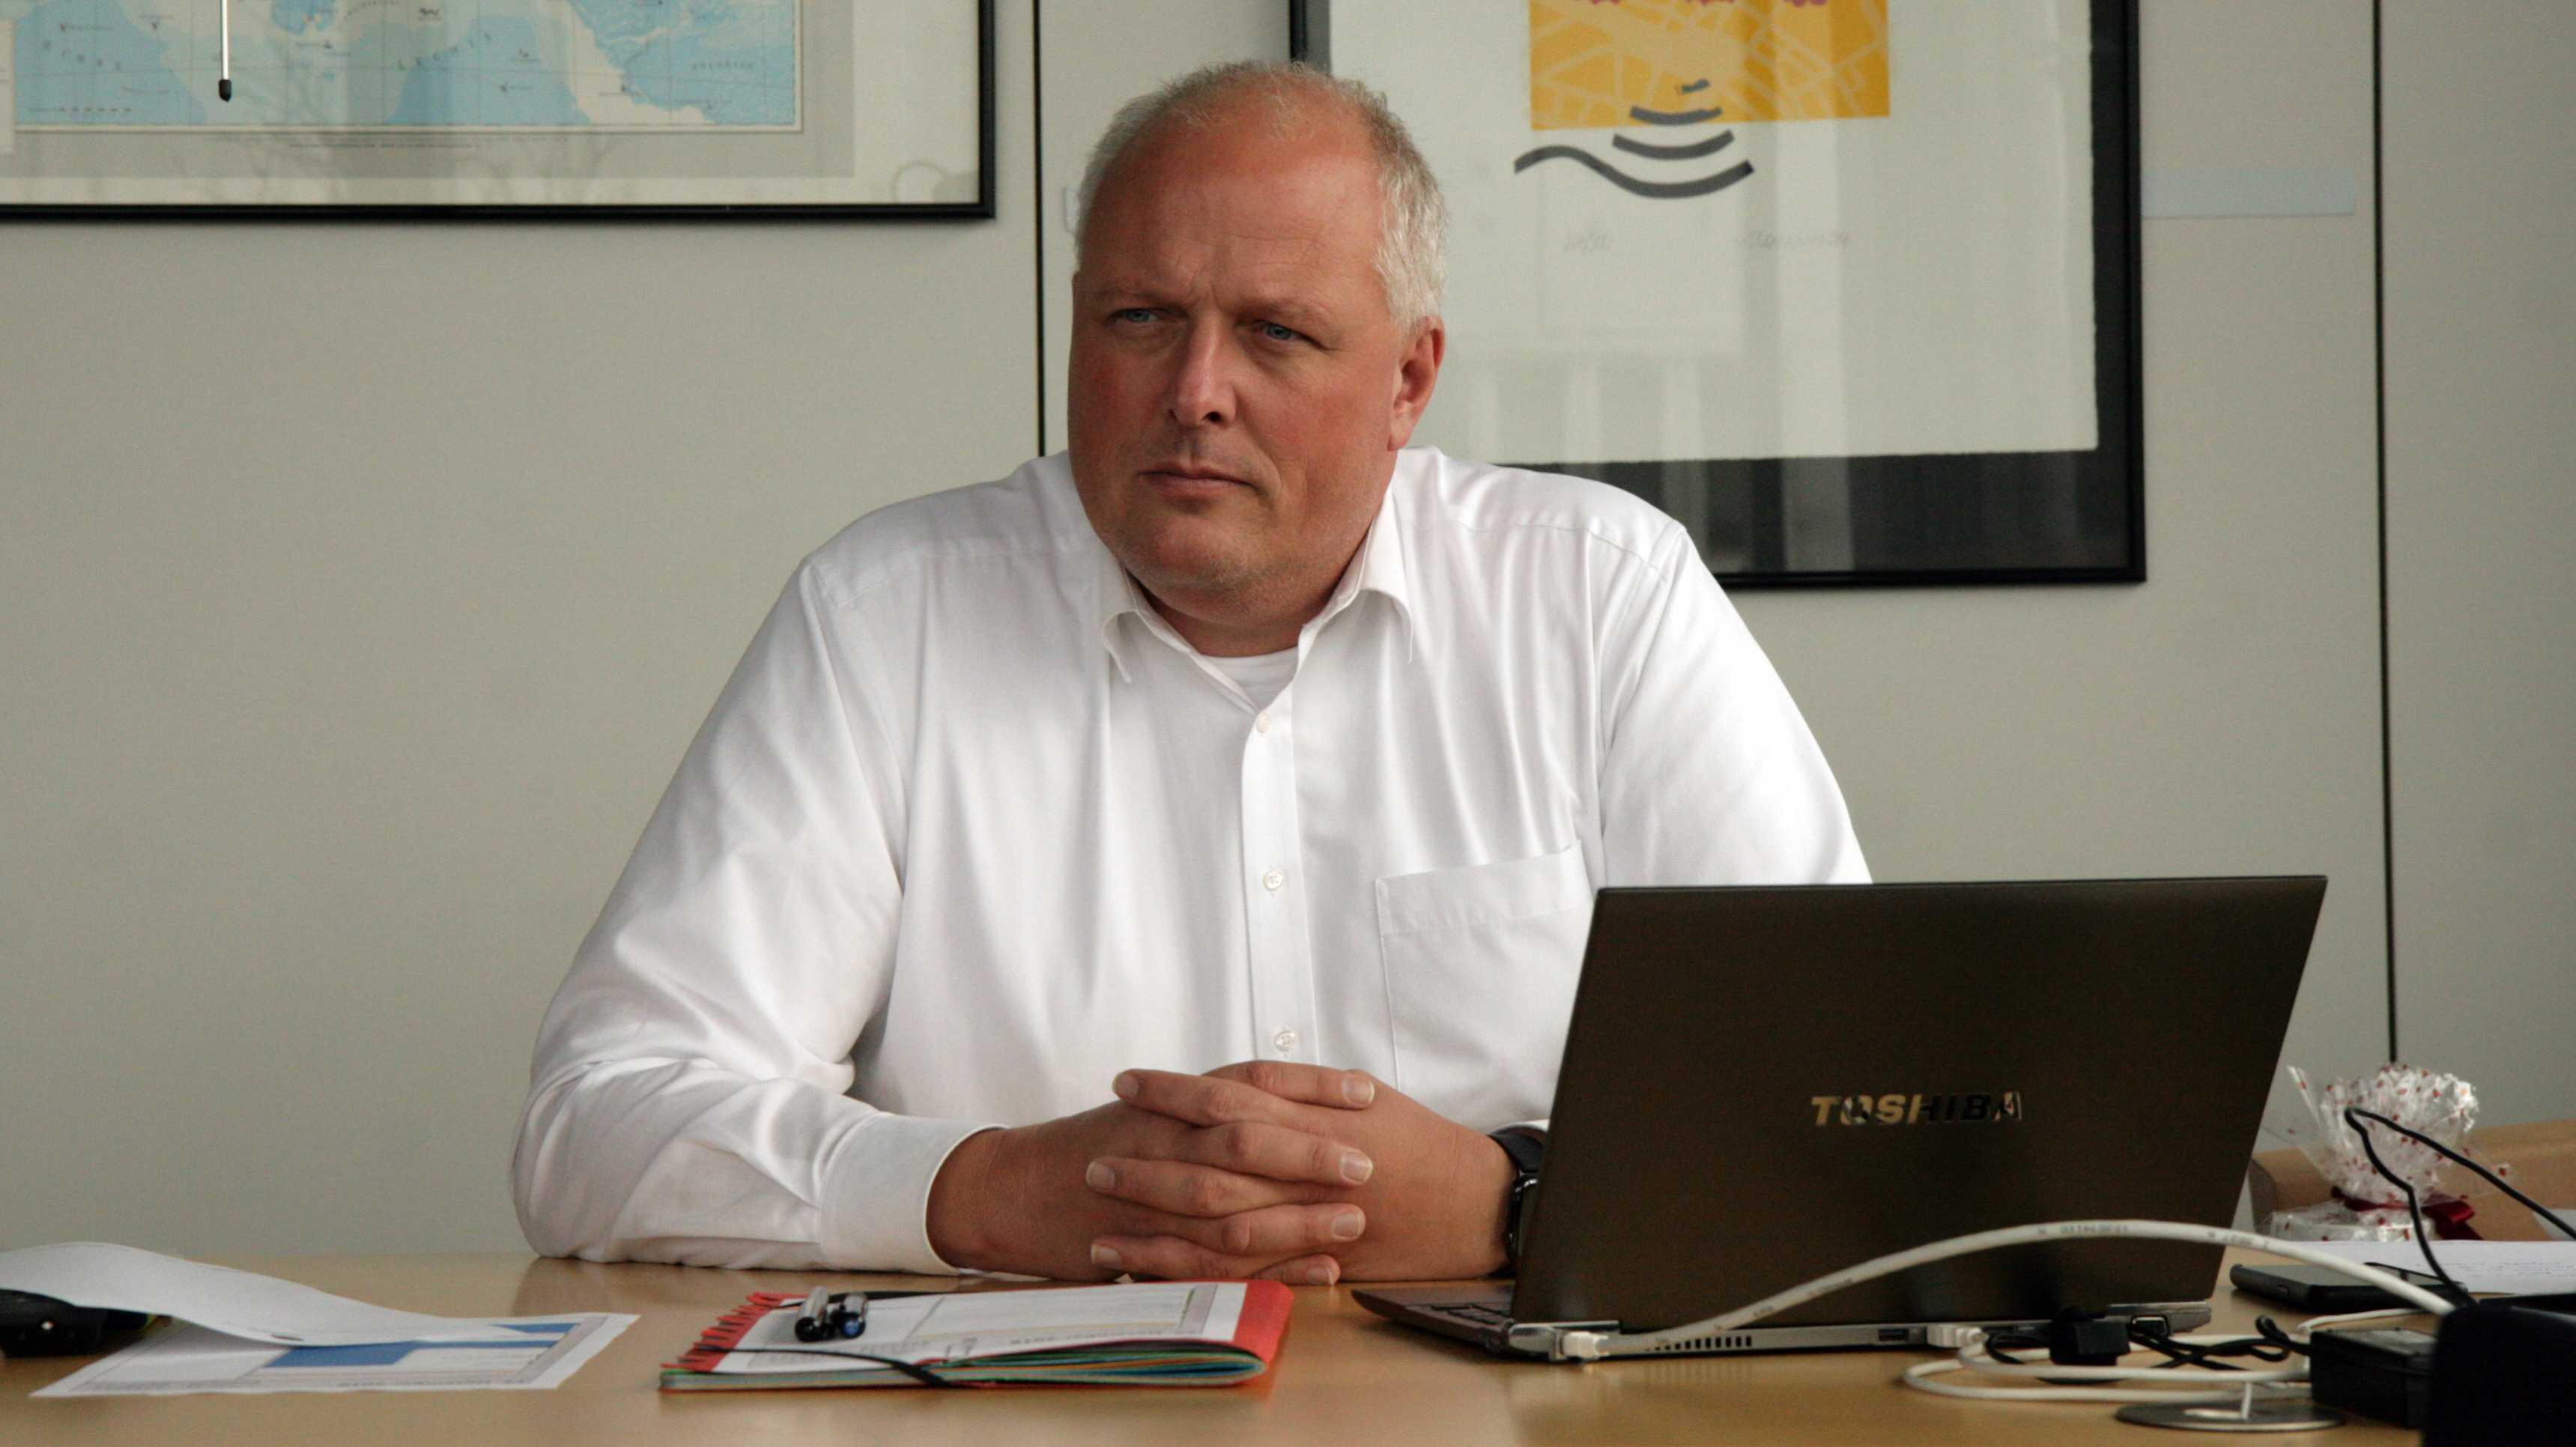 """Bundesbeauftragter nennt Upload-Filter """"Schnapsidee"""""""